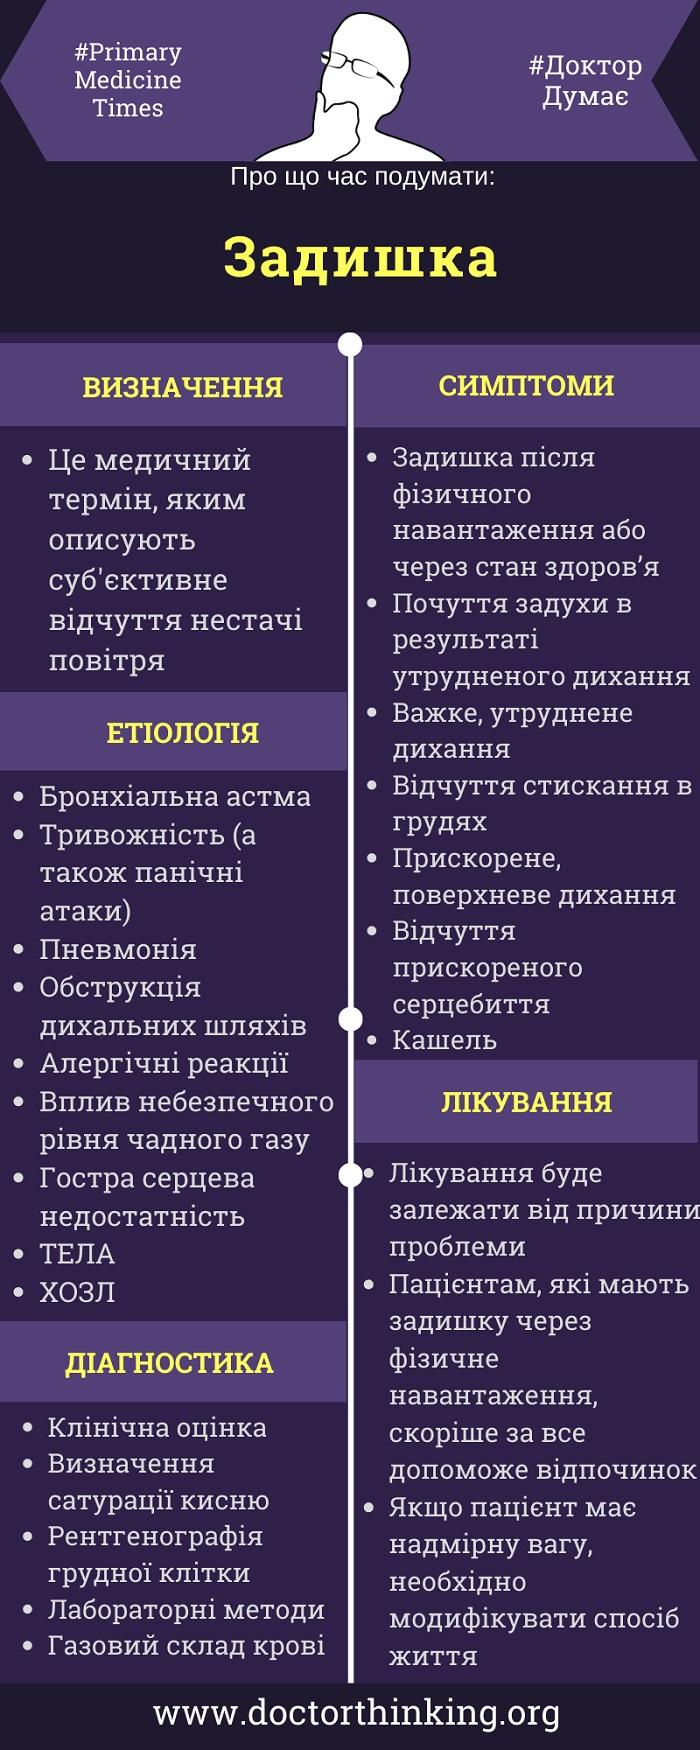 Задишка інфографіка